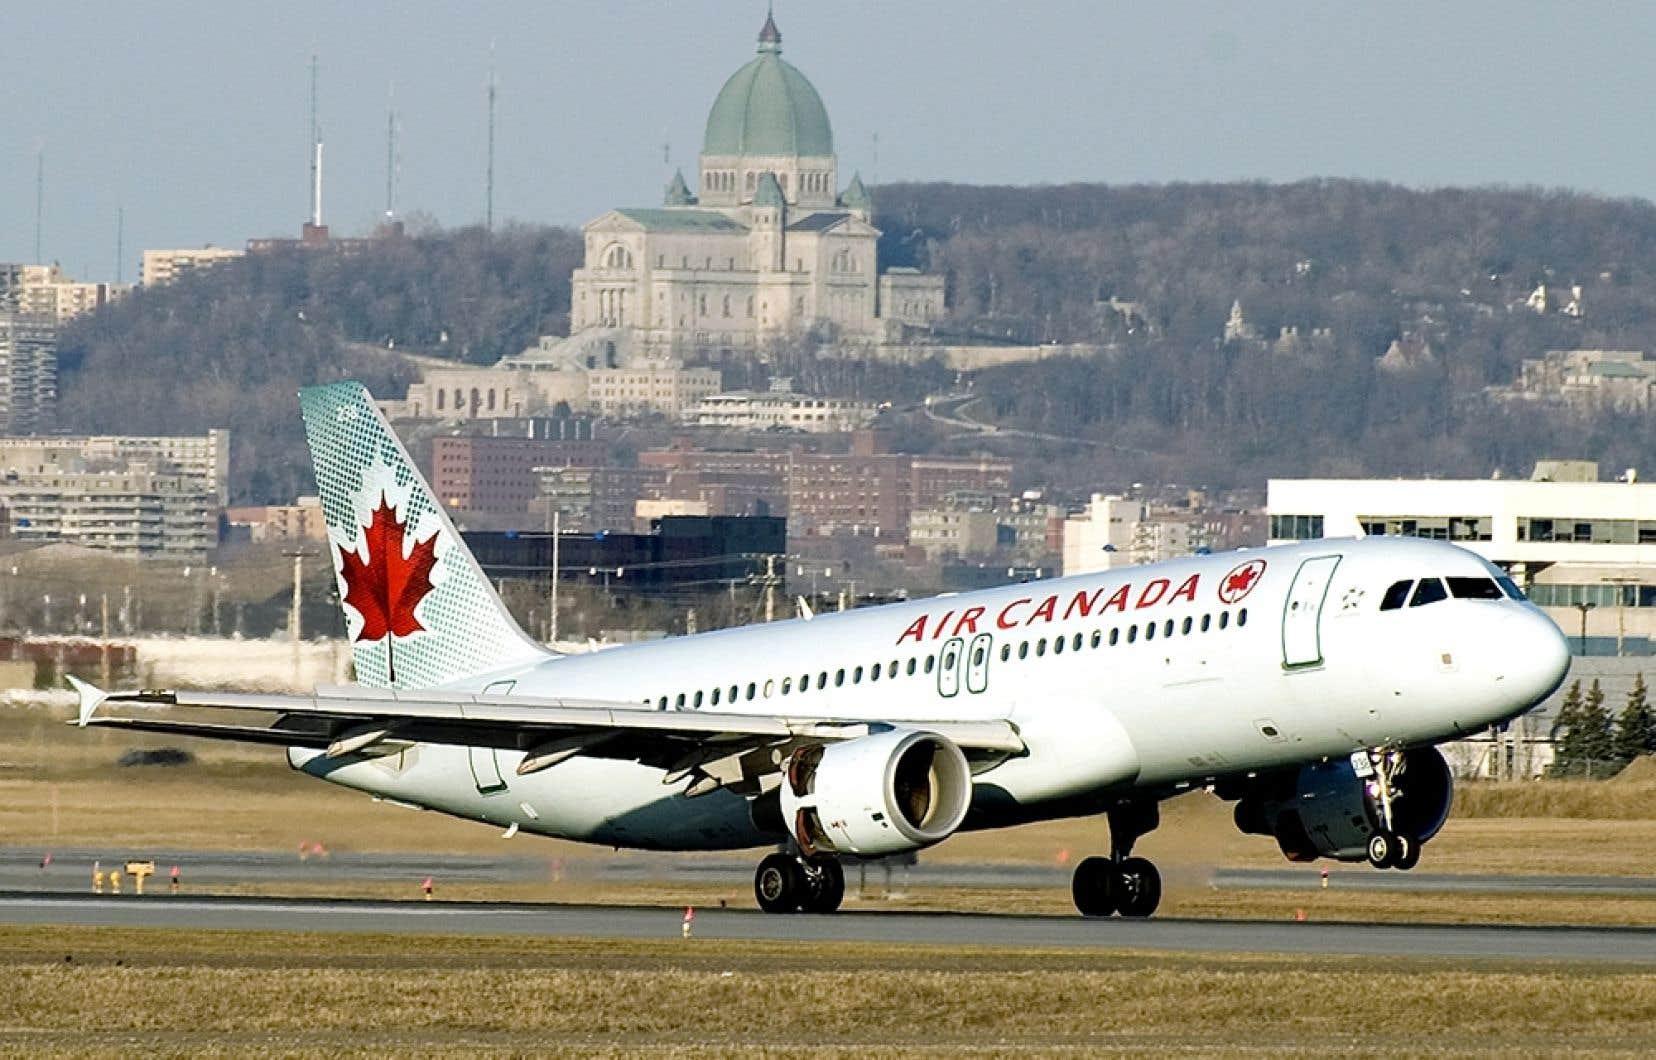 Raymond Prince affirme que le couvre-feu, qui est censé limiter les vols commerciaux entre 23h et 7h, n'est pas respecté, en plus du fait que plusieurs avions dévient régulièrement du corridor aérien.